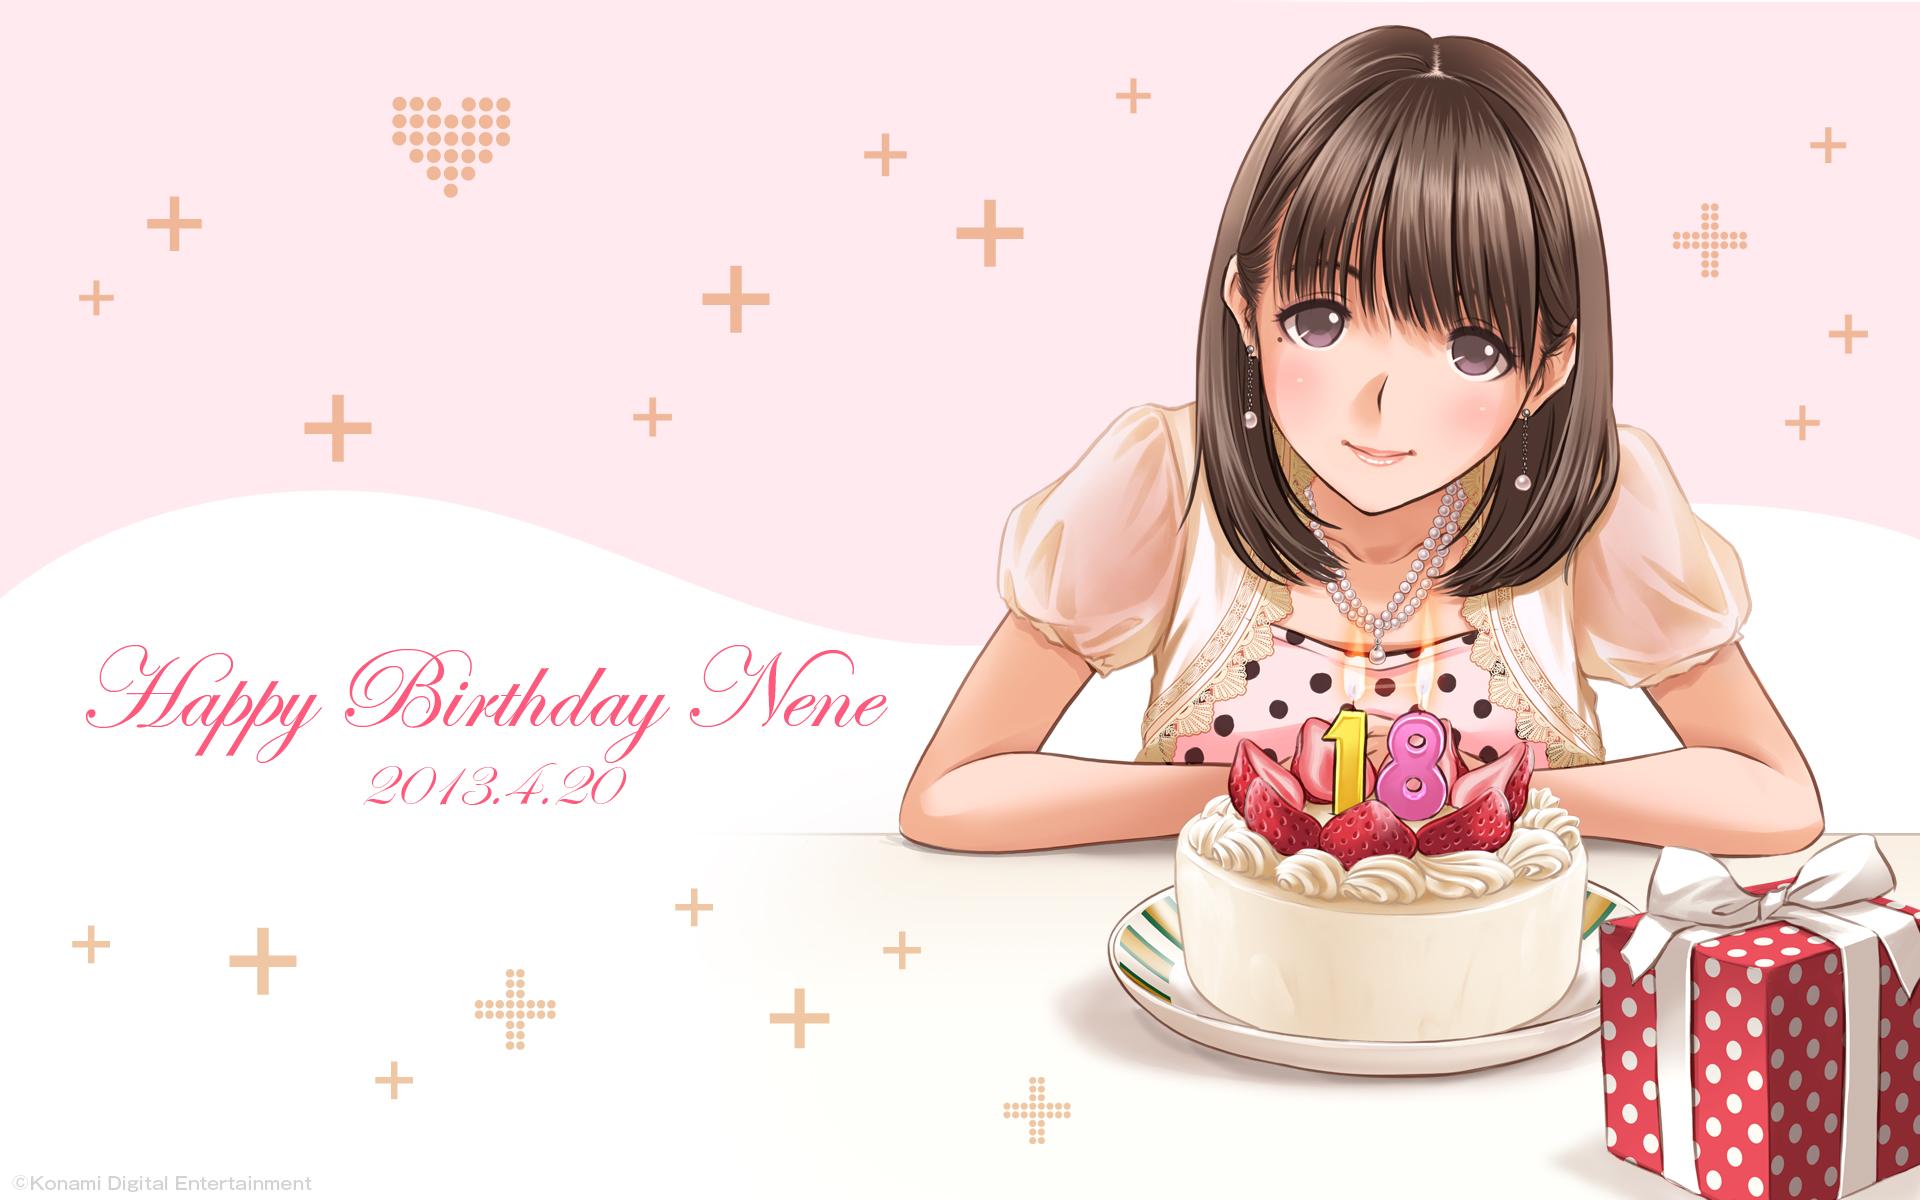 寧々さん誕生日おめでとう 3ds Newラブプラス 姉ヶ崎寧々誕生日